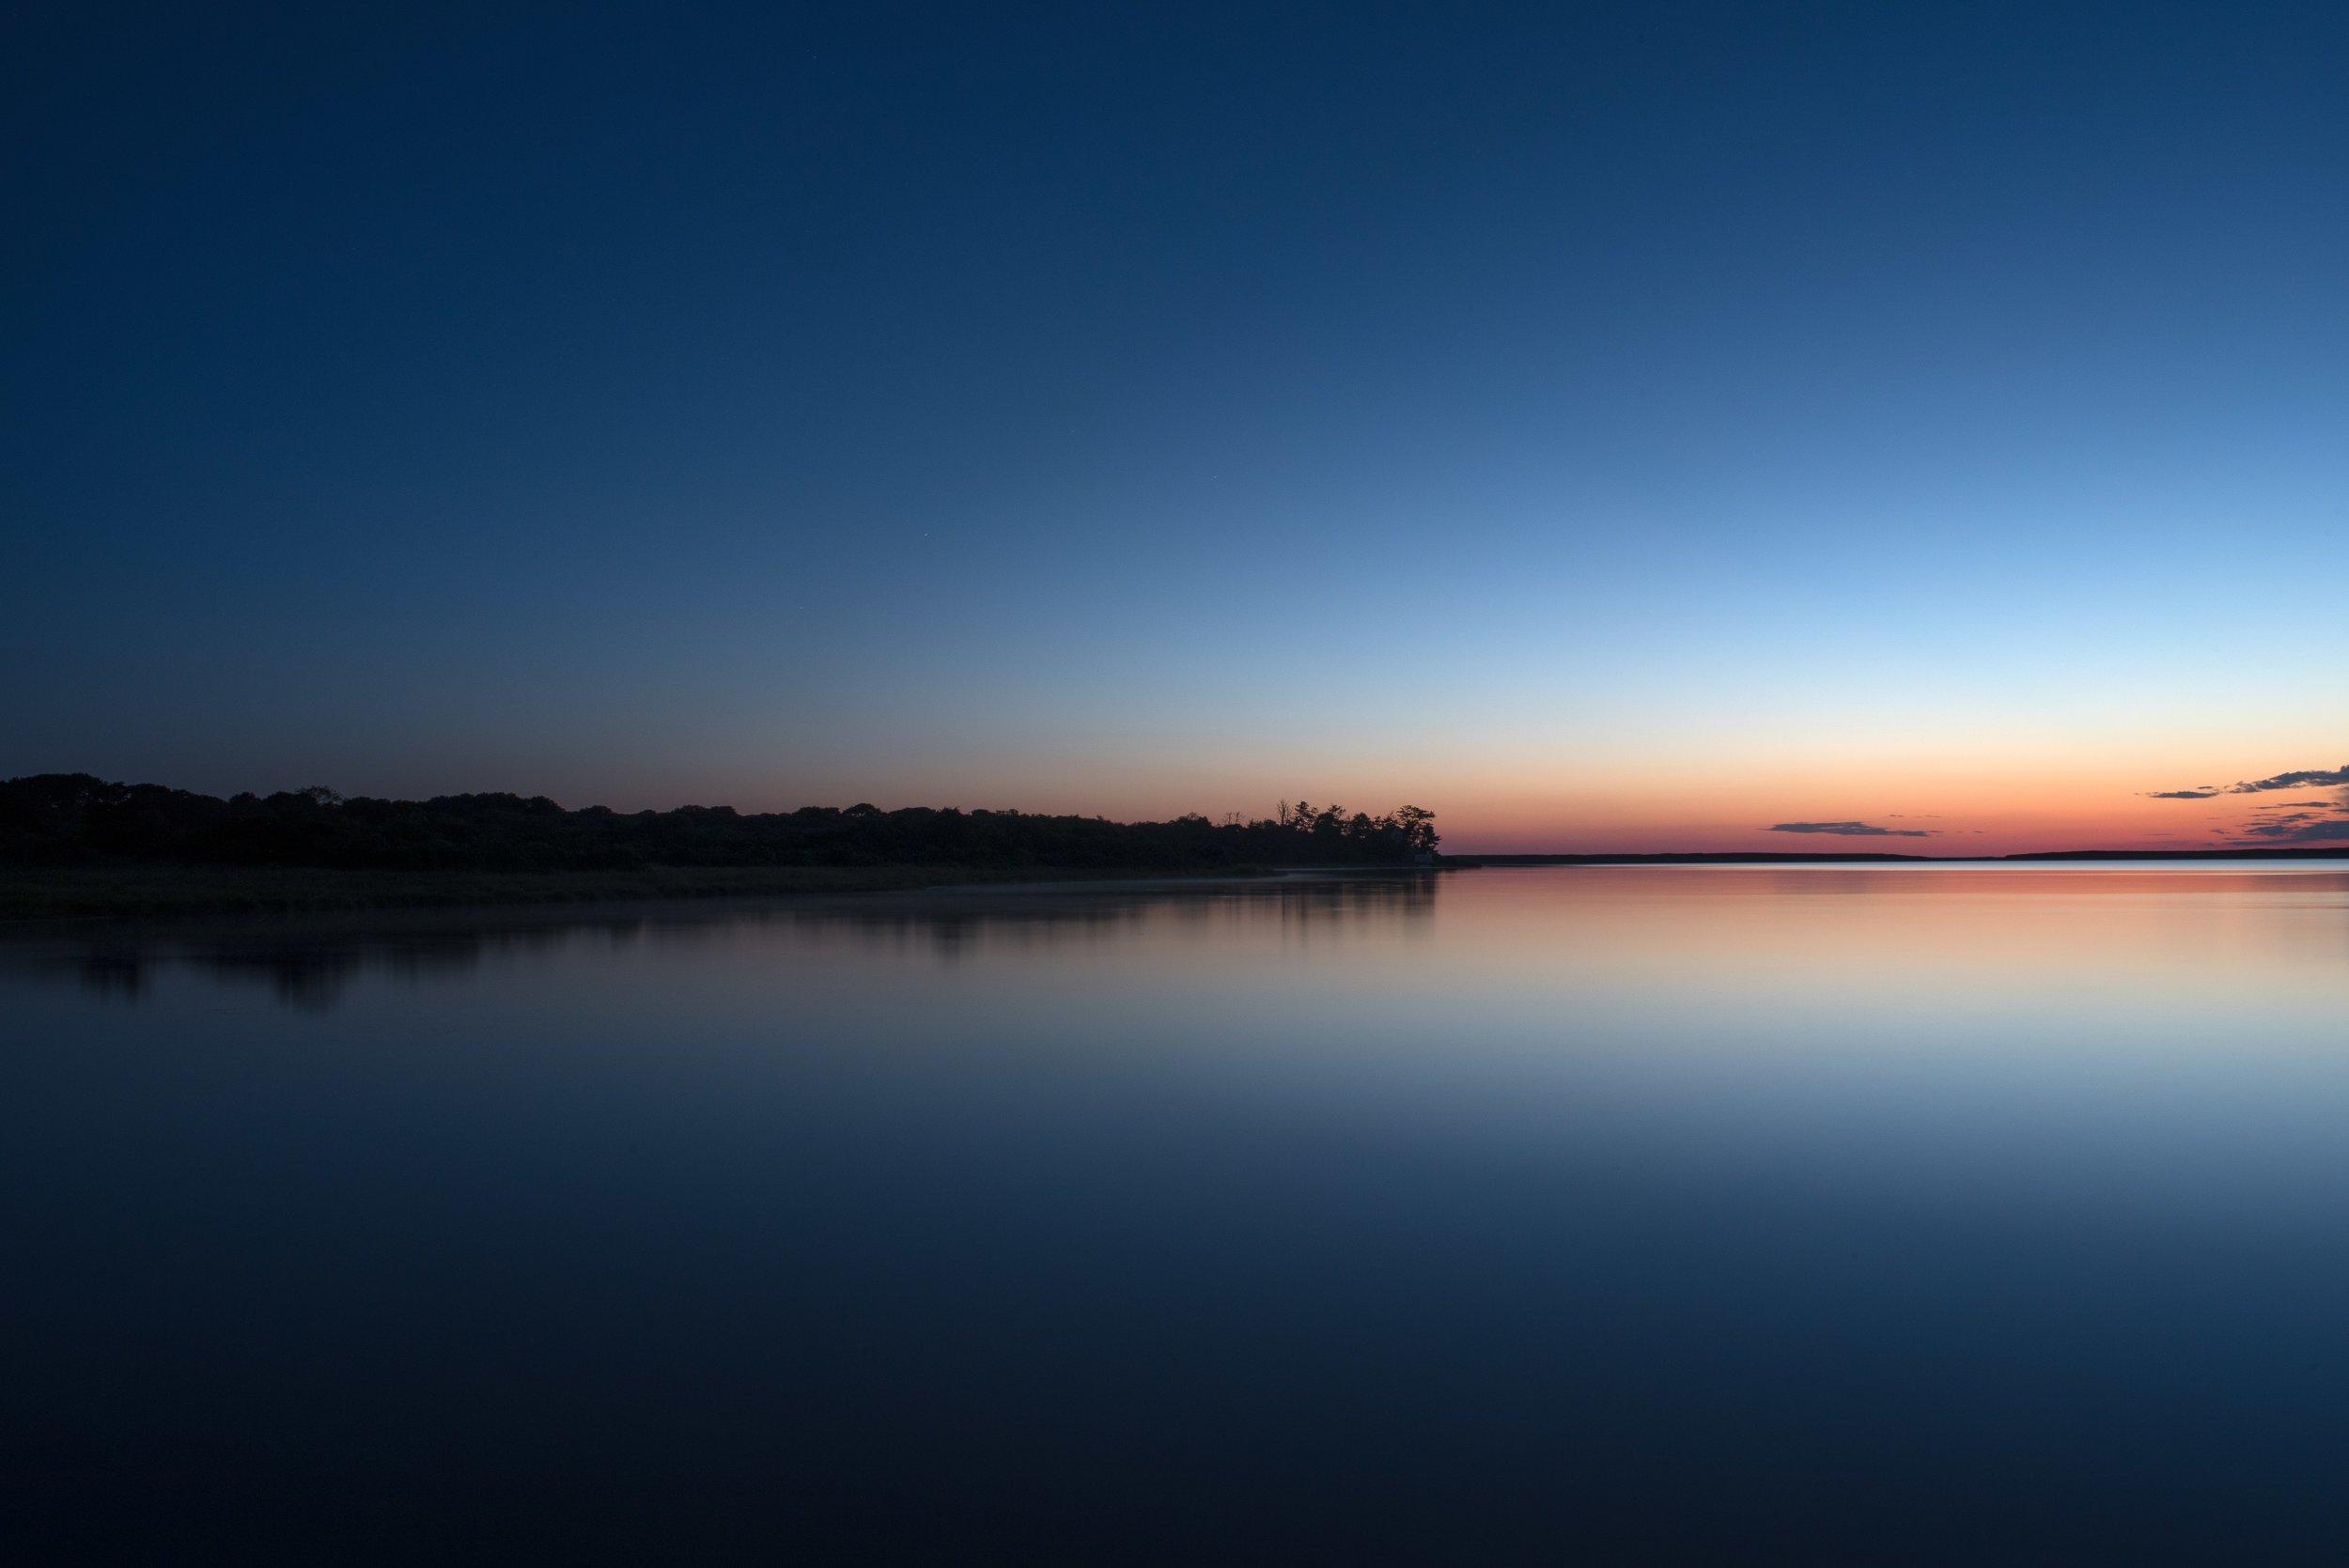 Sesachacha Pond III, Nantucket, MA